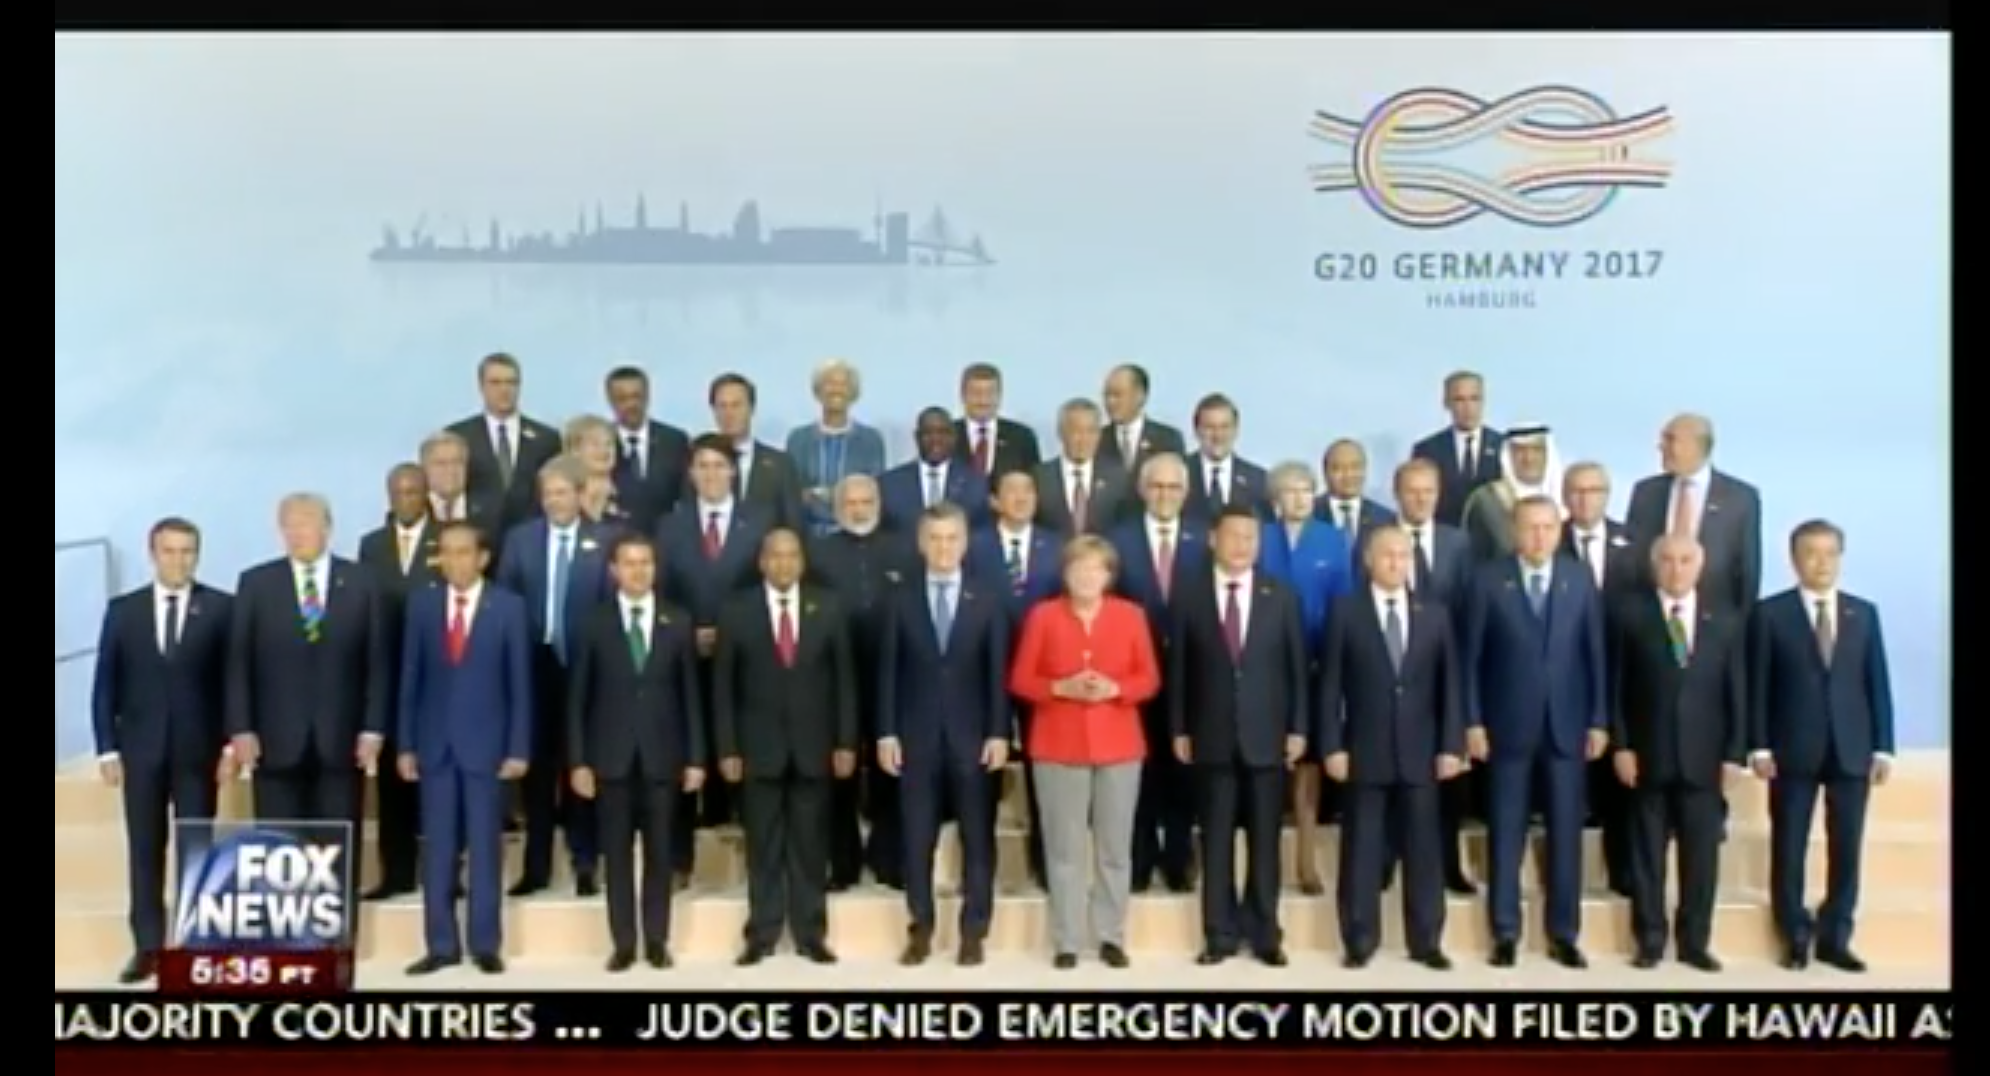 Les manoeuvres de Macron pour être sur la photo du G20 à côté de Trump font mourir de rire les Américains